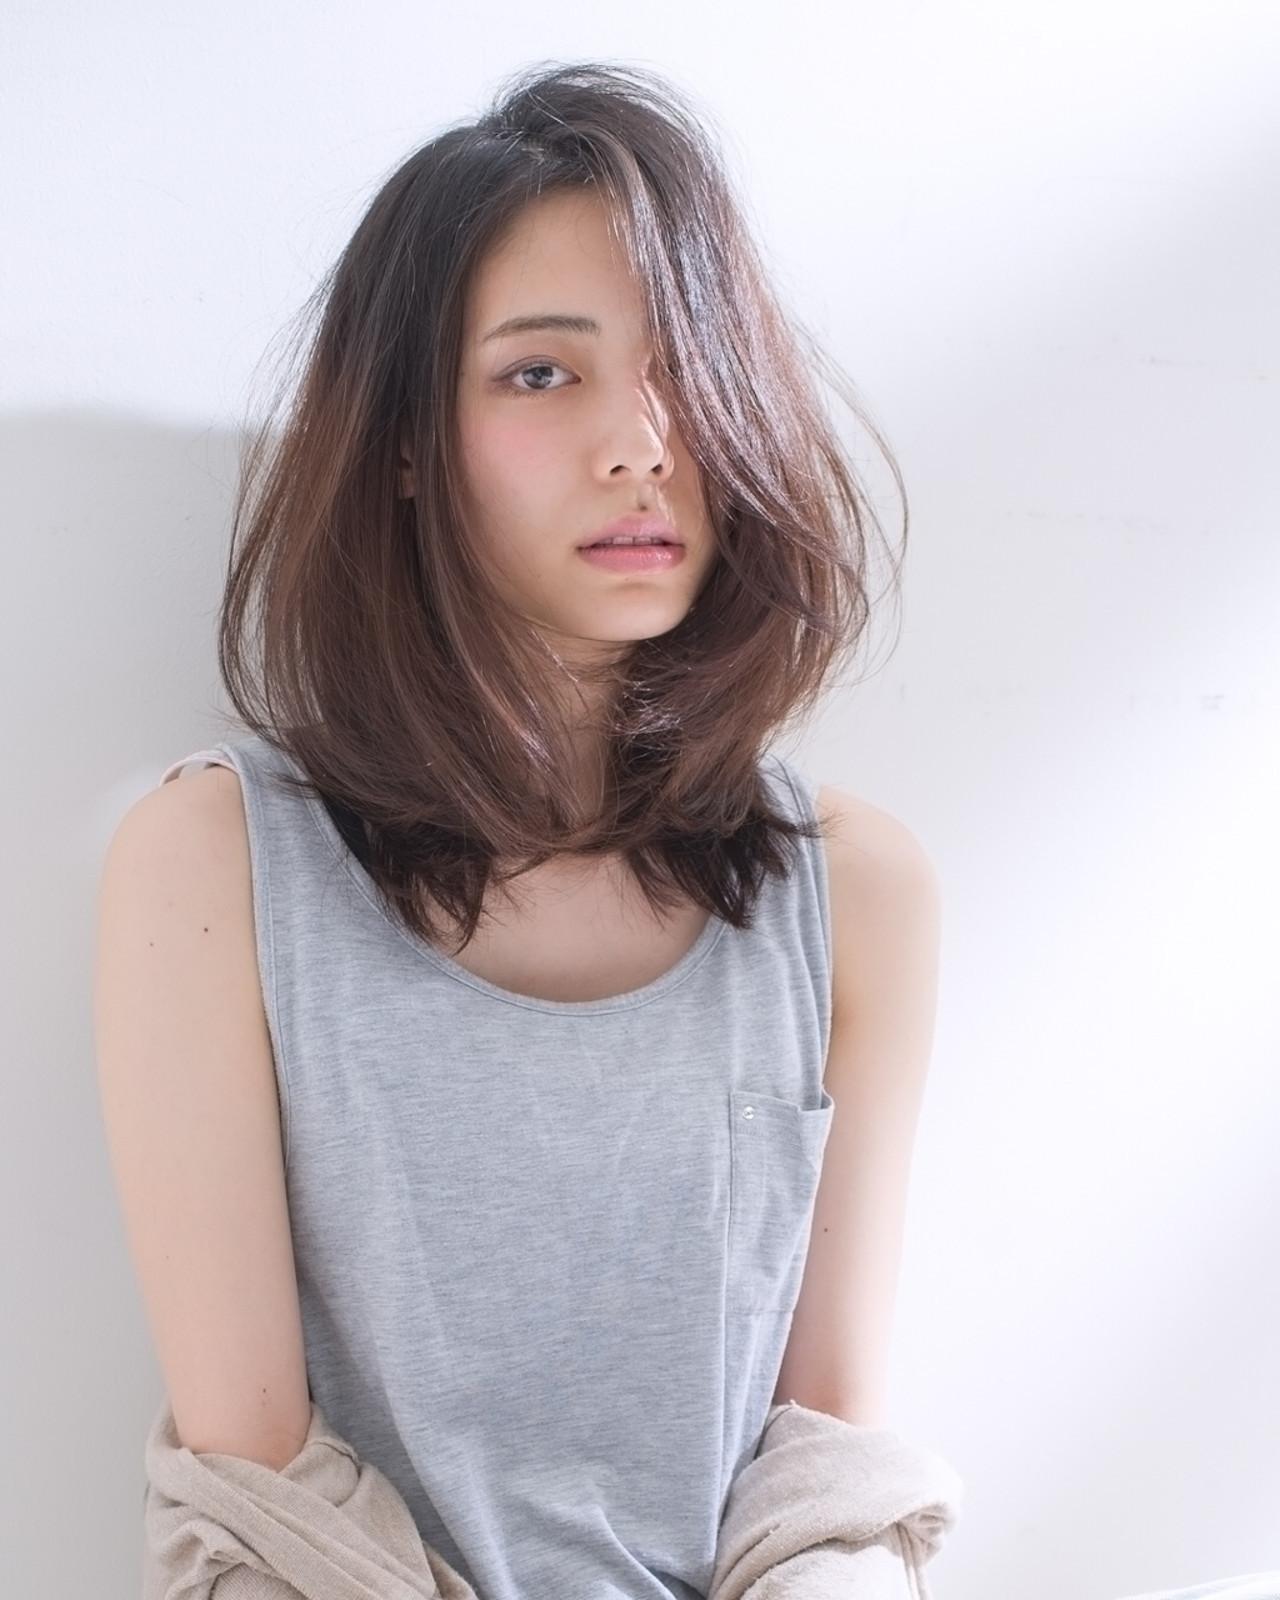 髪型 セミロング 前髪なし ストレート